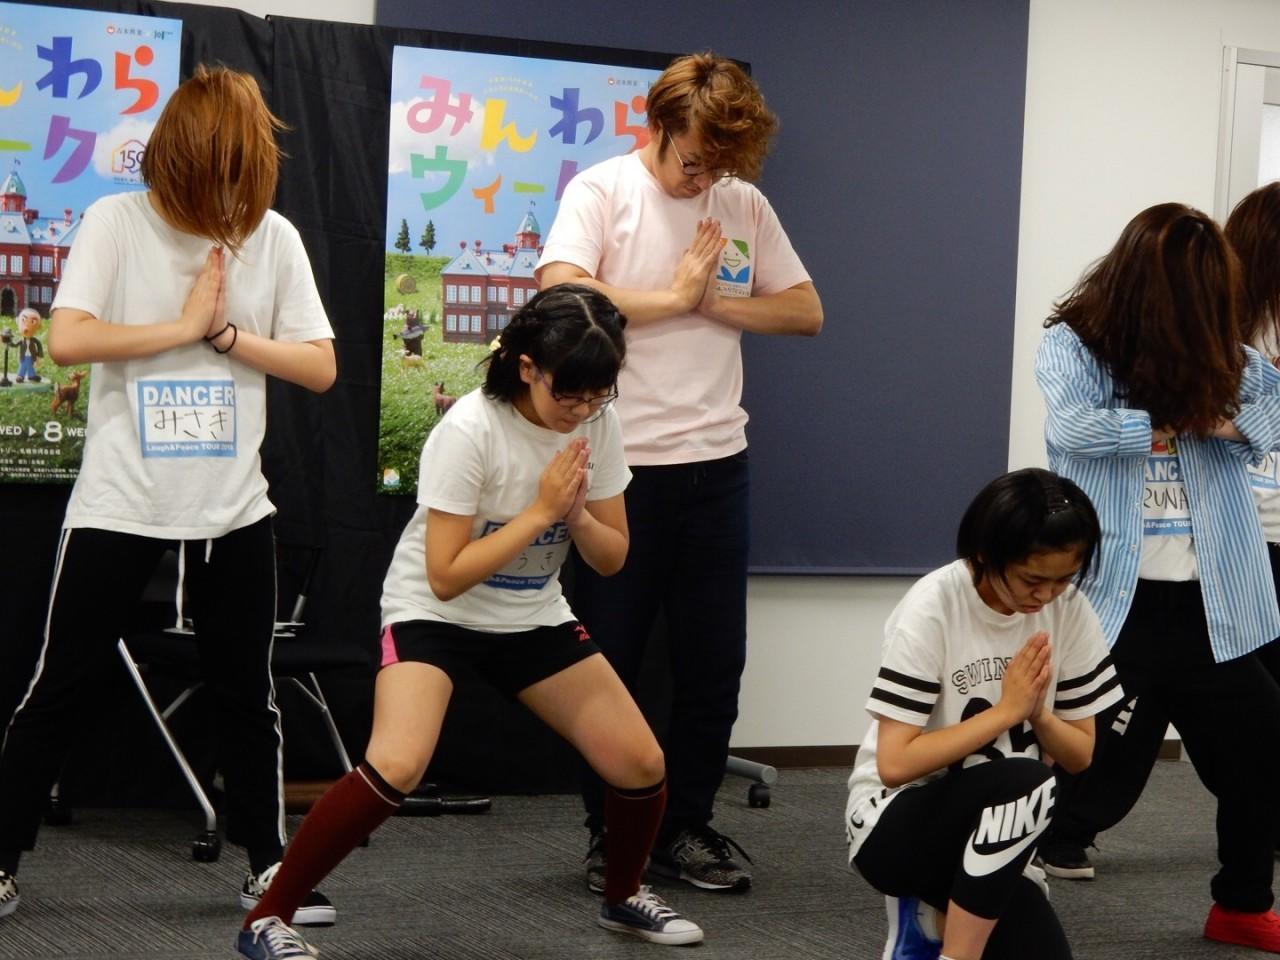 http://news.yoshimoto.co.jp/20180810113844-e6617d456dc18591f4e5a18566075aec0acb1f6b.jpg